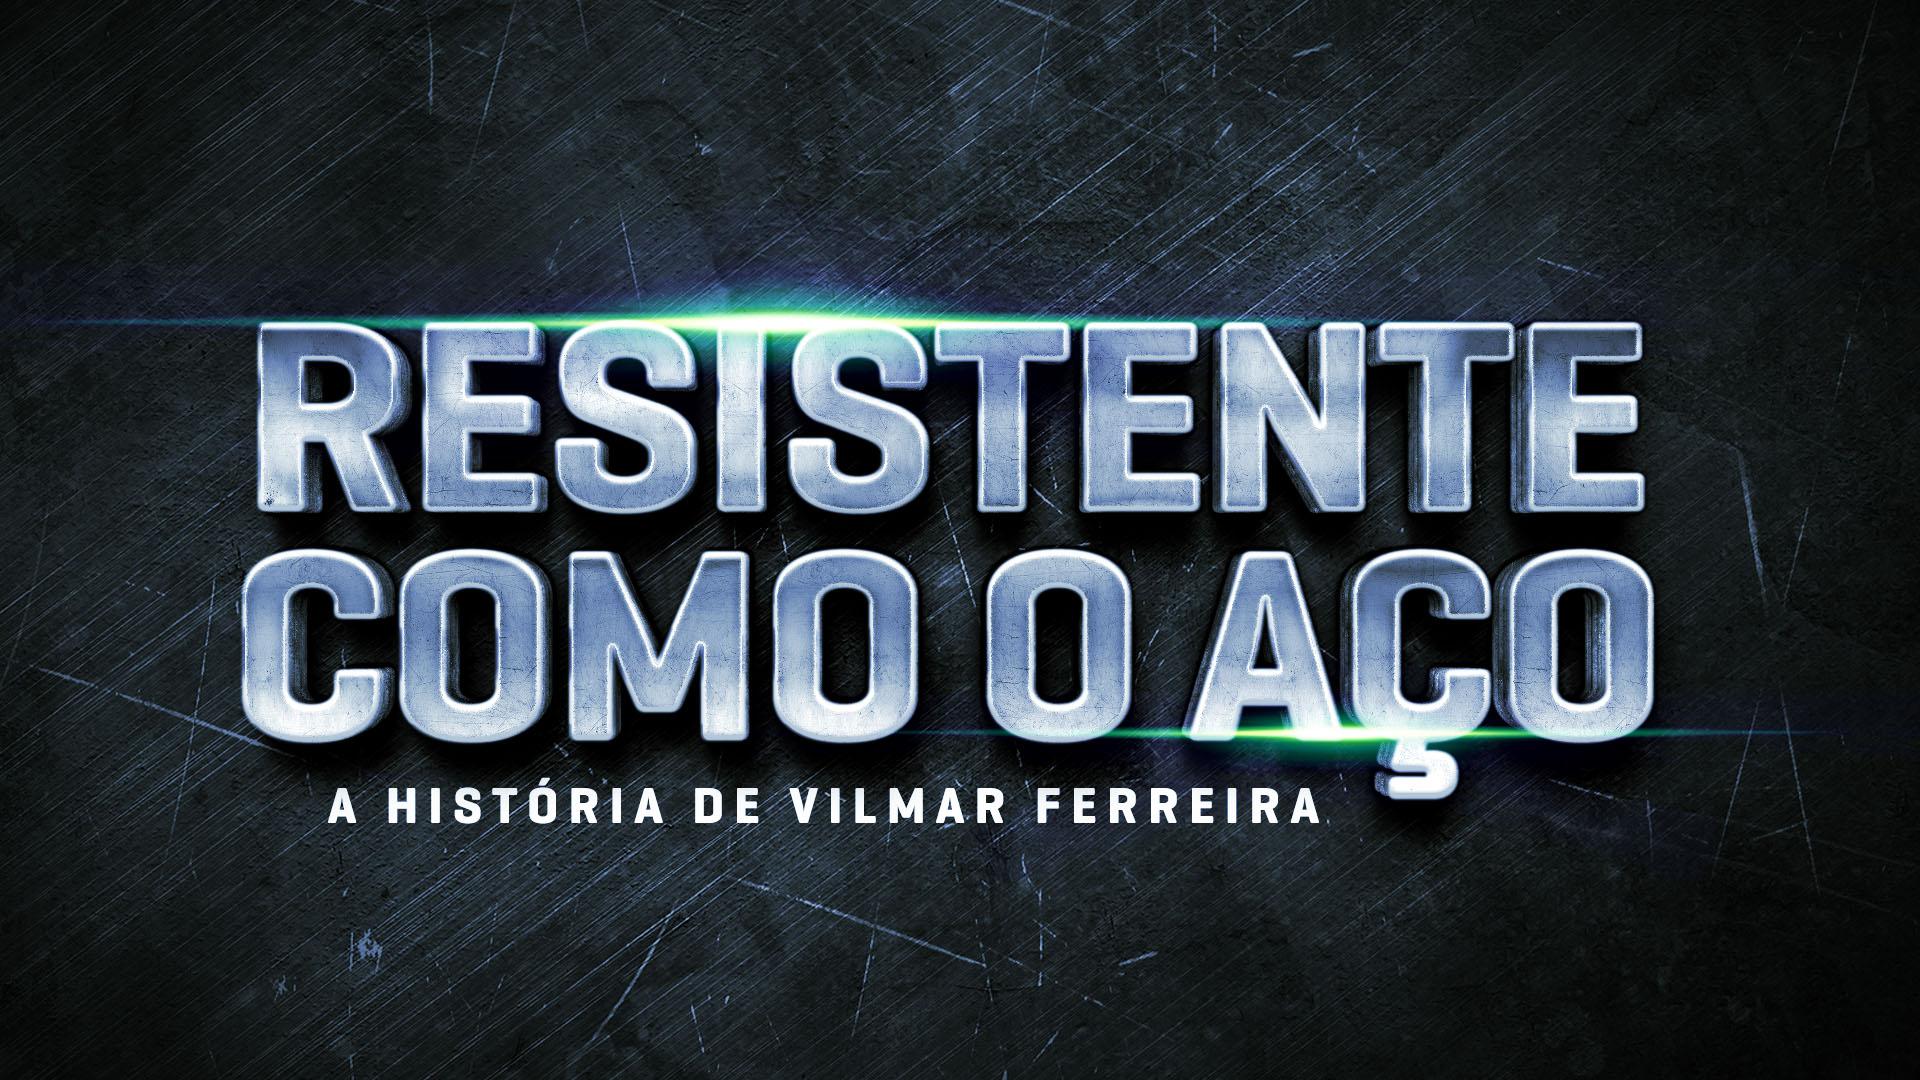 A história de Vilmar Ferreira